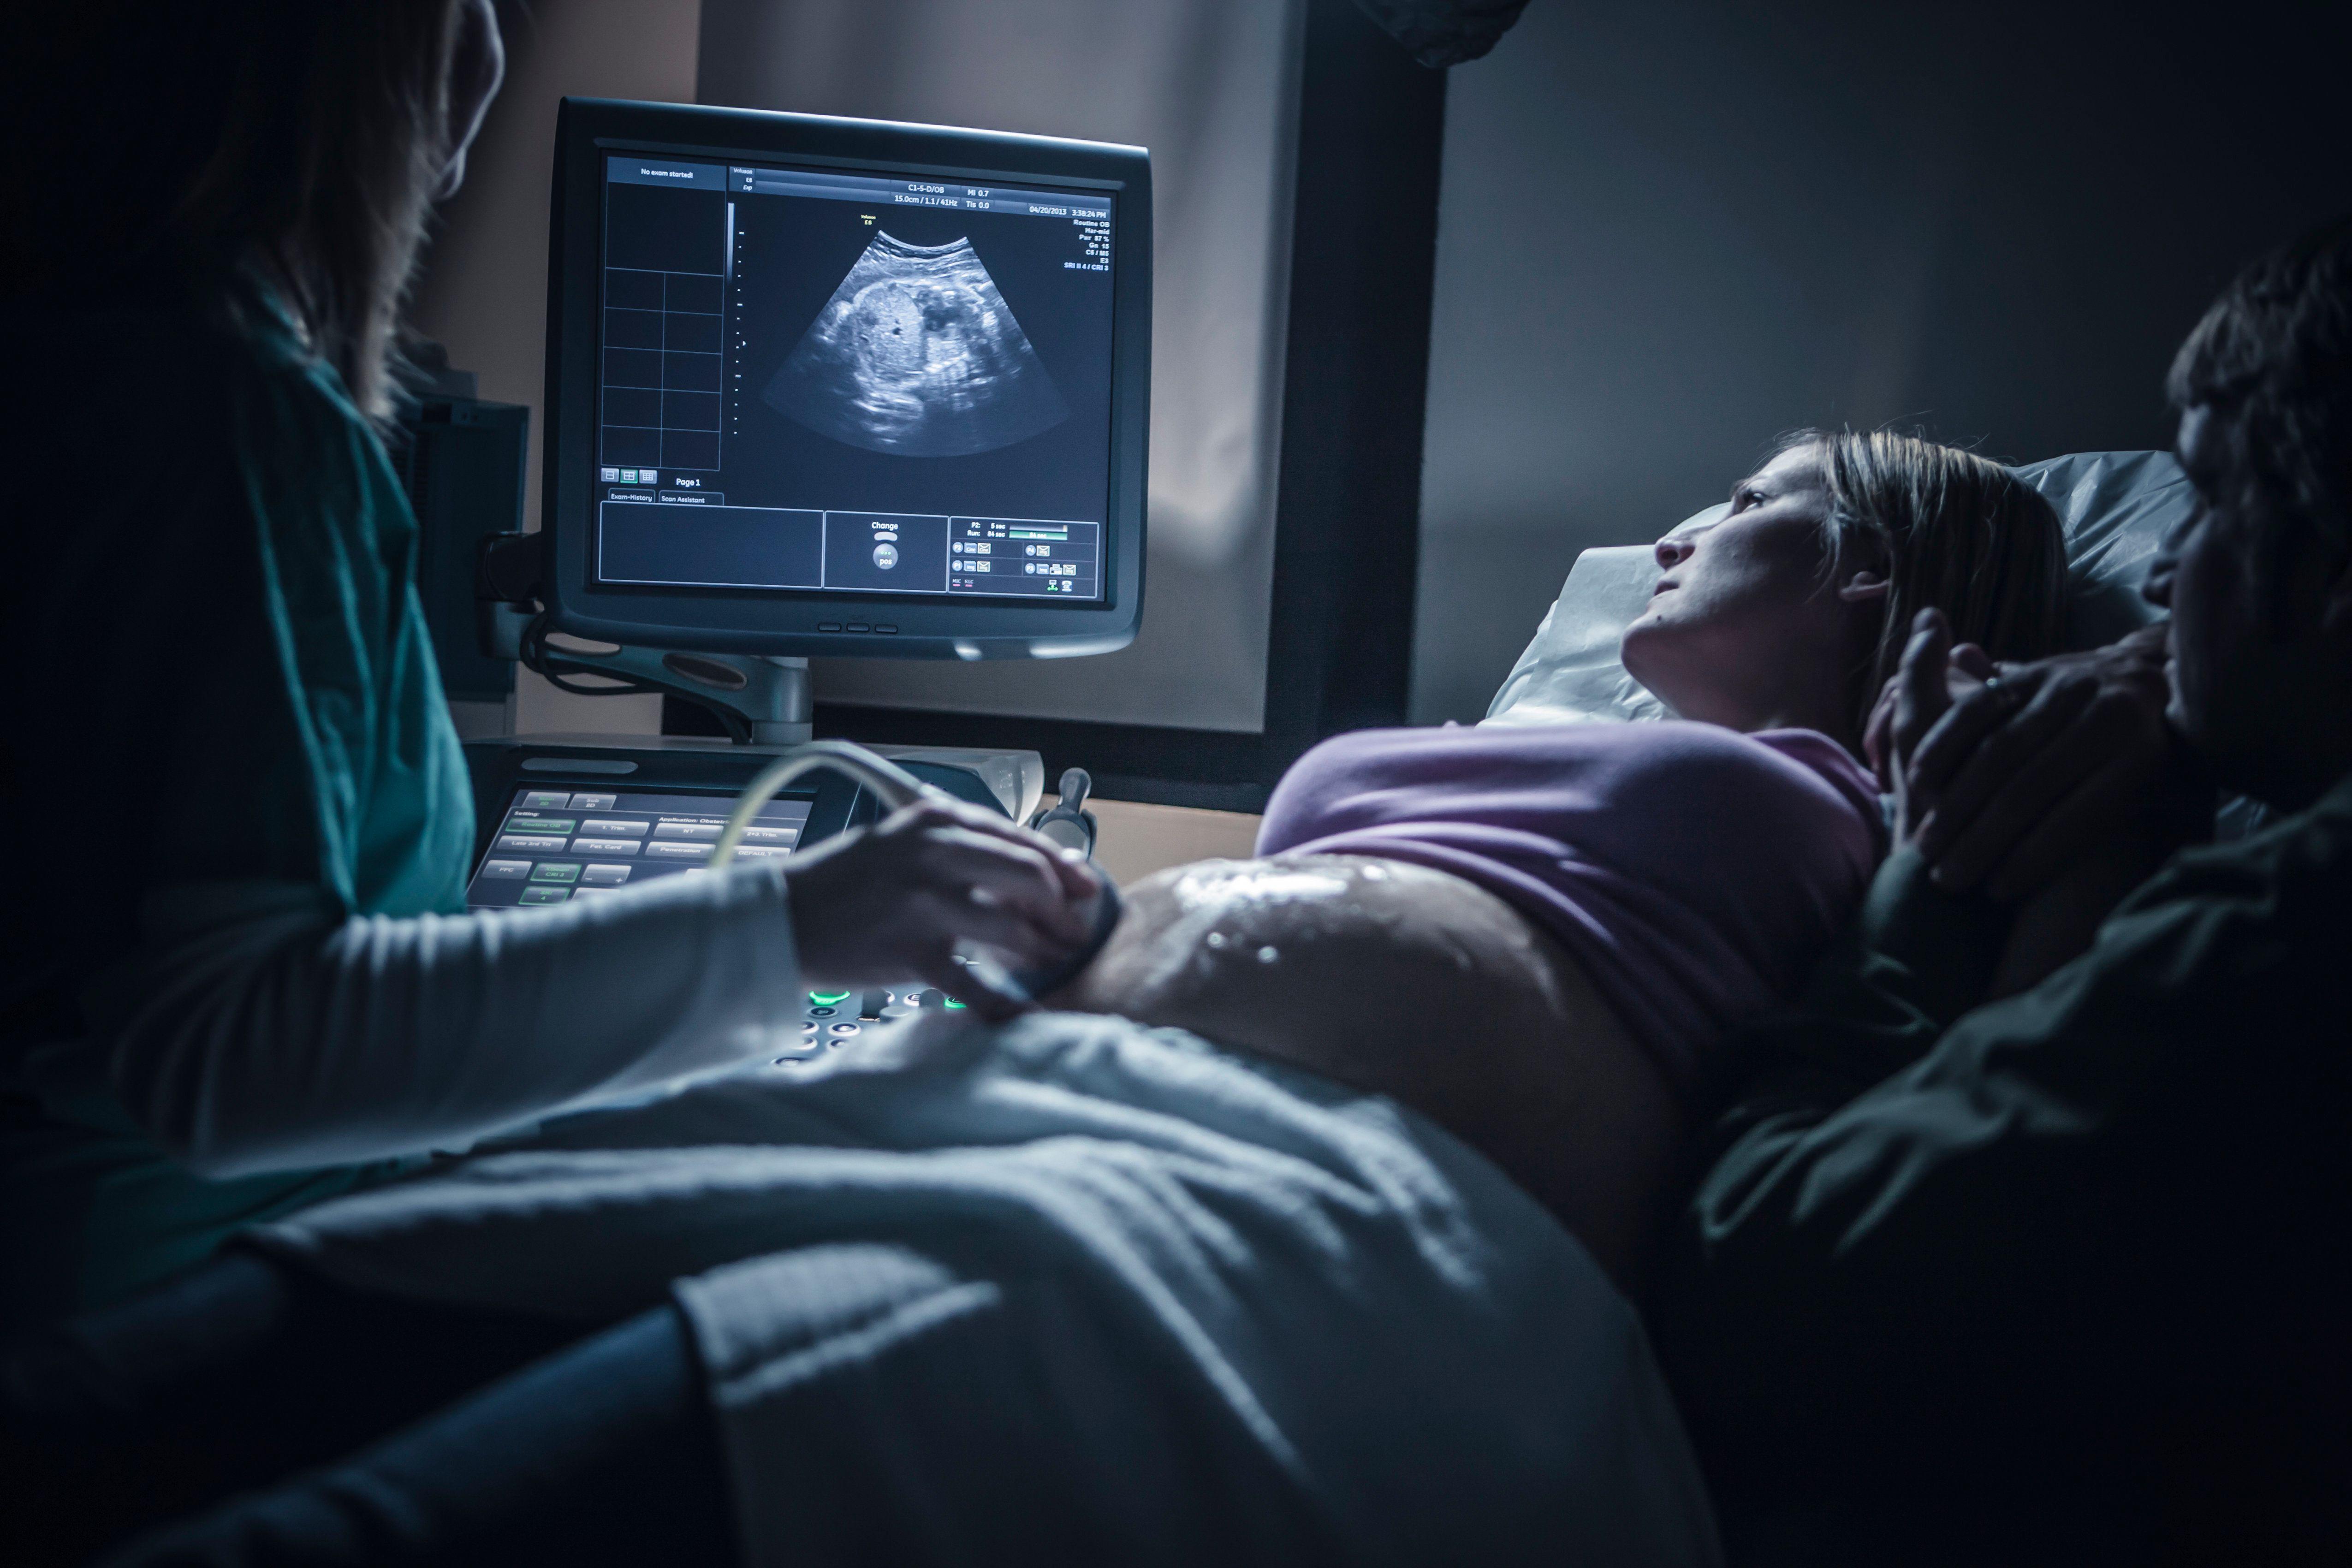 Узи при беременности                        на каких сроках делают узи